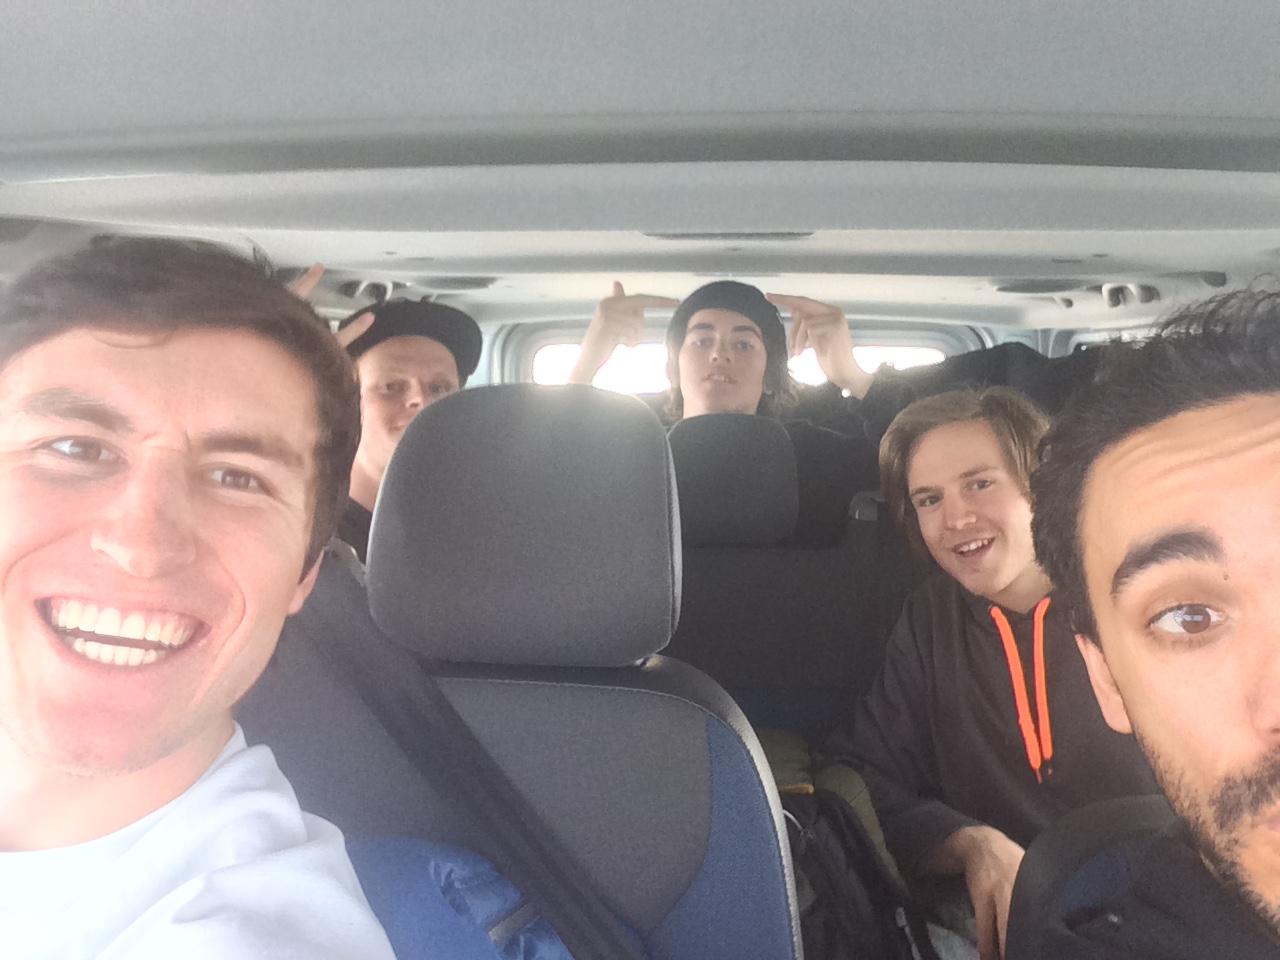 Road trip with Robby, Freddy, Finn, and Eddie